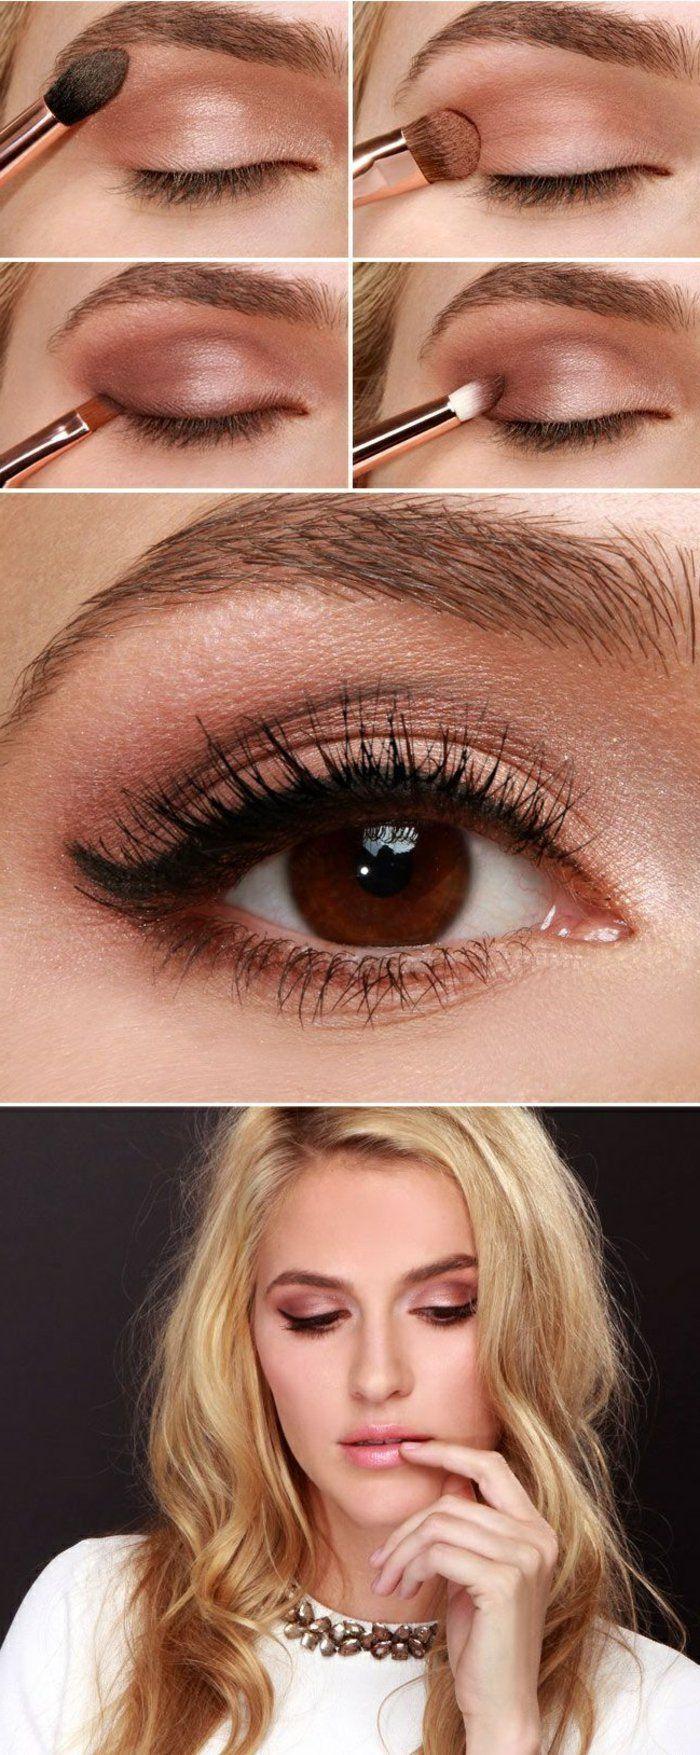 Maquillage pour yeux marron                                                                                                                                                     Plus